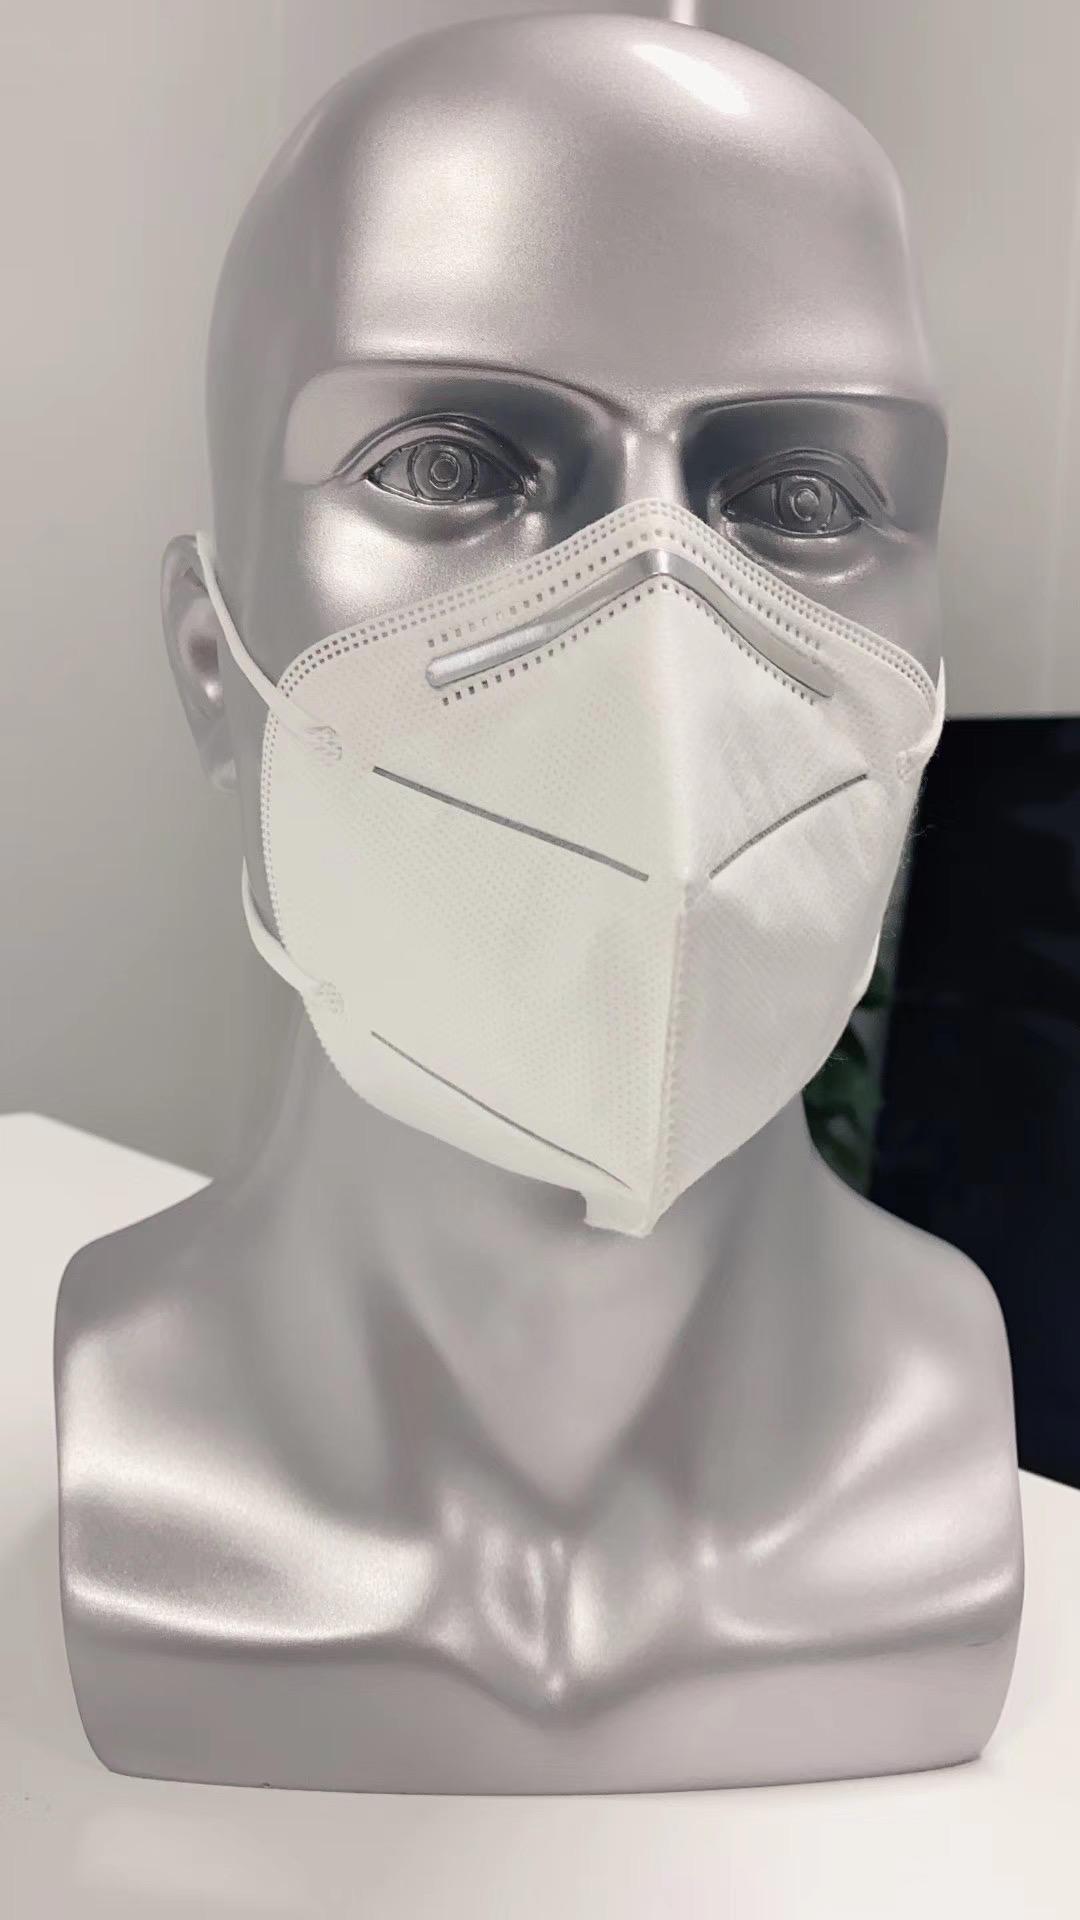 Sunshine biodegradable blackhead skin mask manufacturer for medical products-1